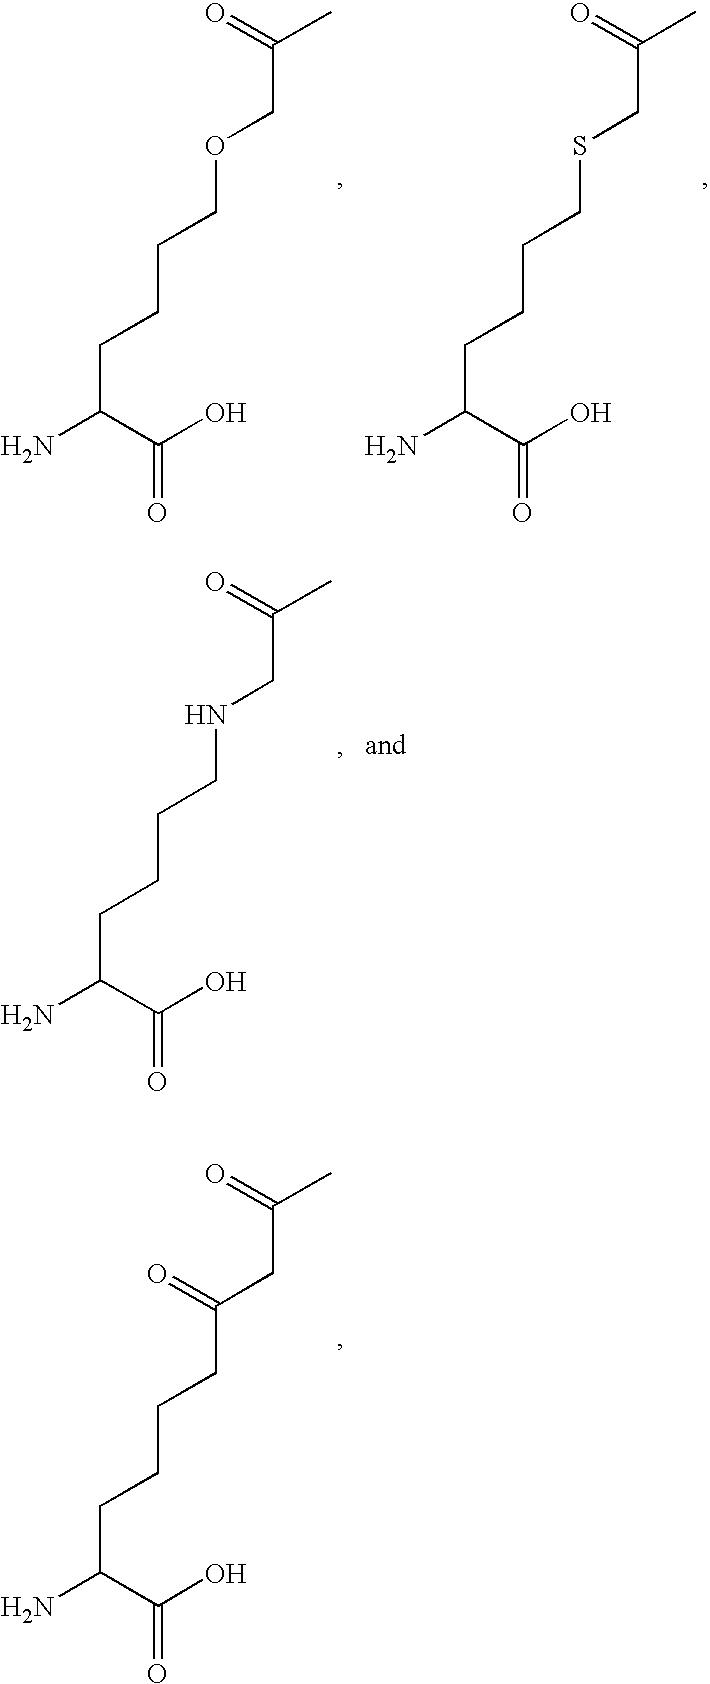 Figure US08143216-20120327-C00016